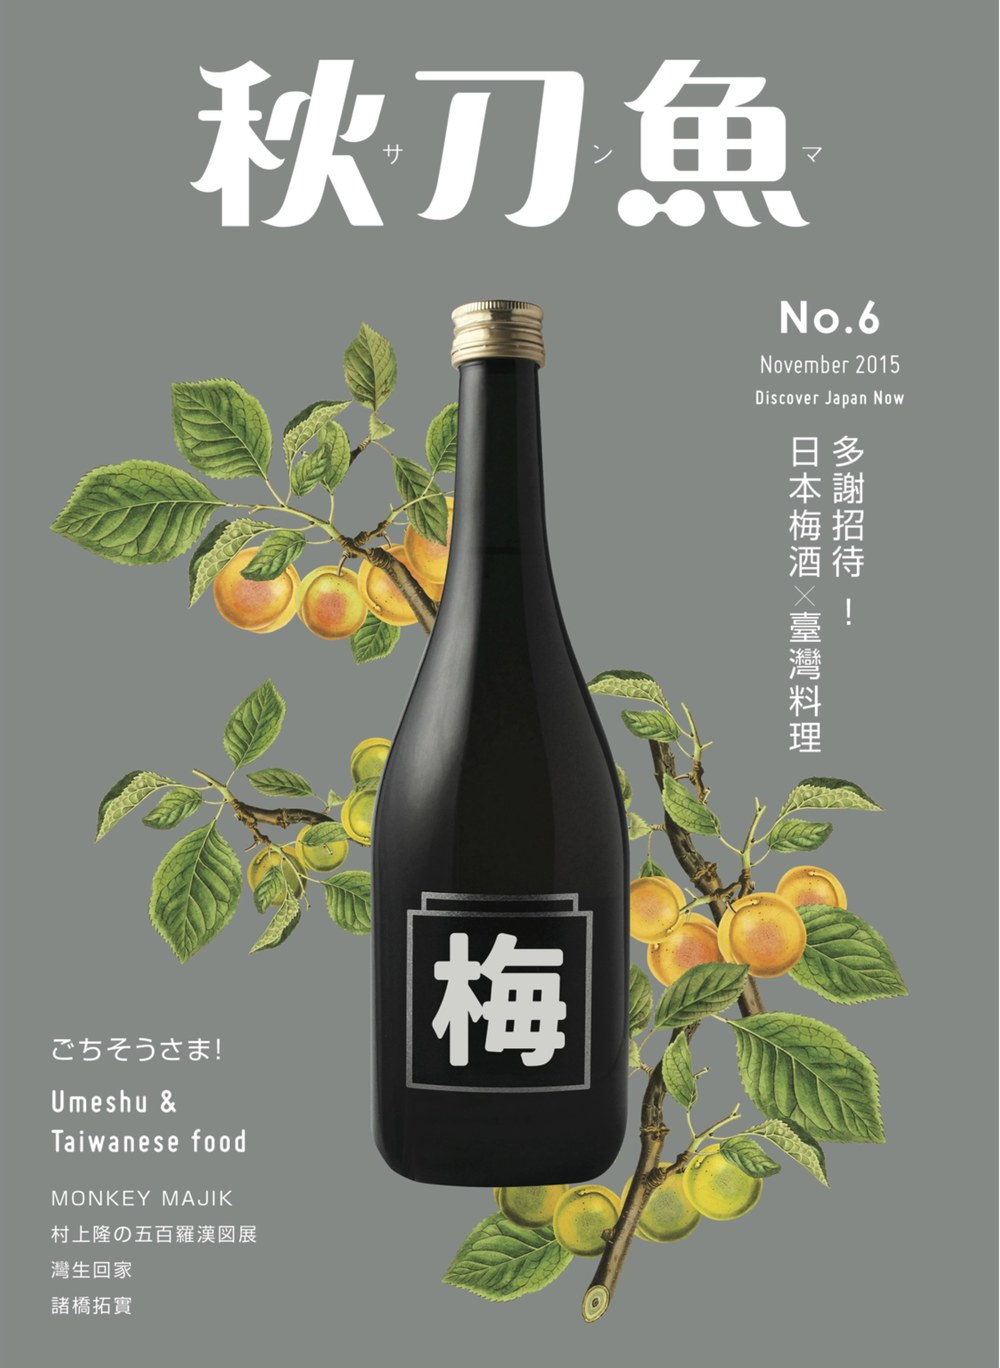 2015年11月號第6期〈多謝招待!日本梅酒X臺灣料理〉